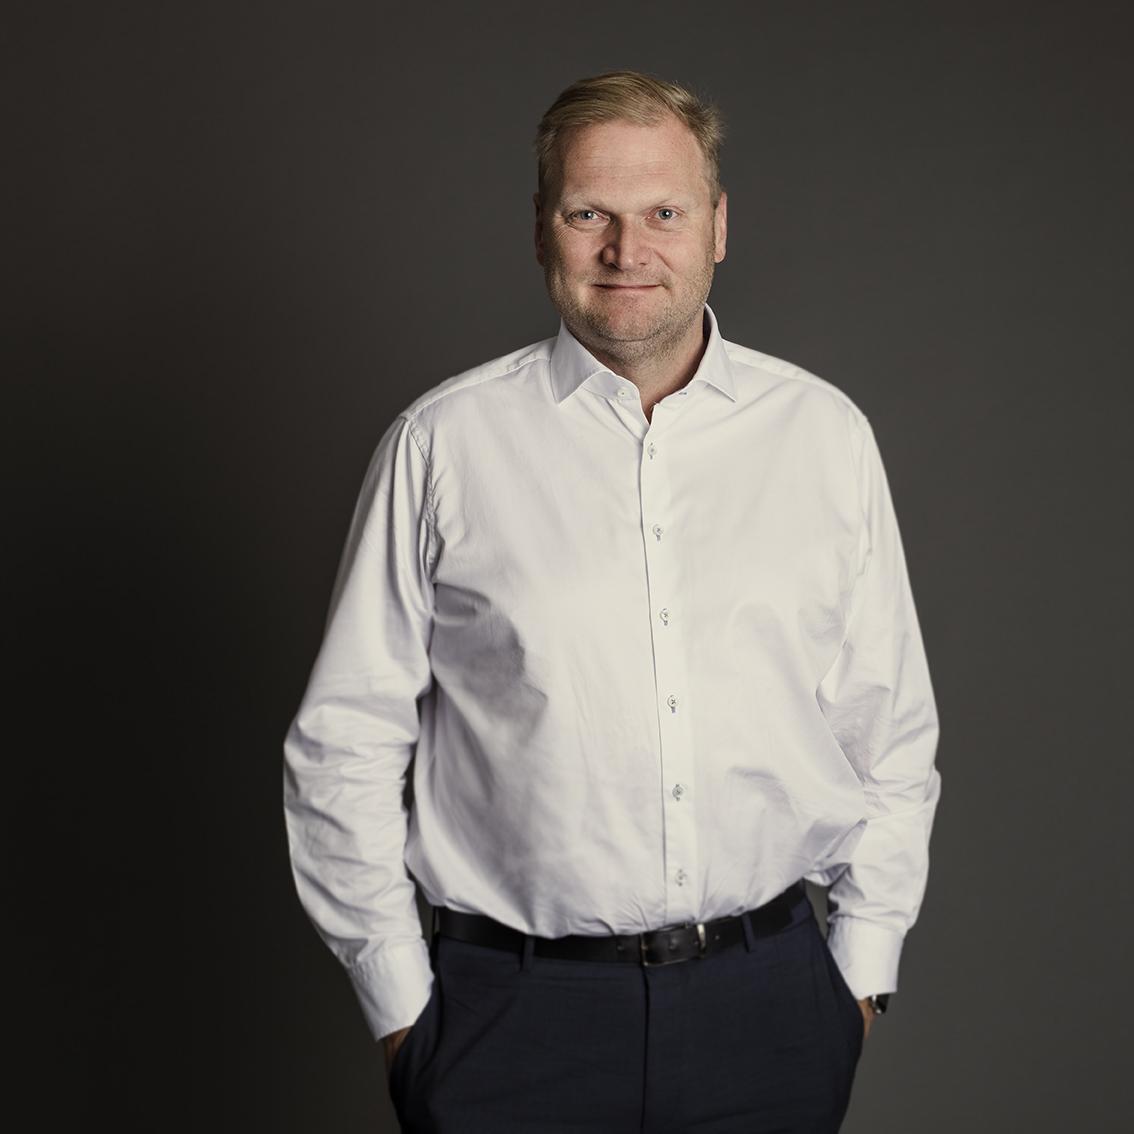 Michael Fogelberg serial entrepreneur